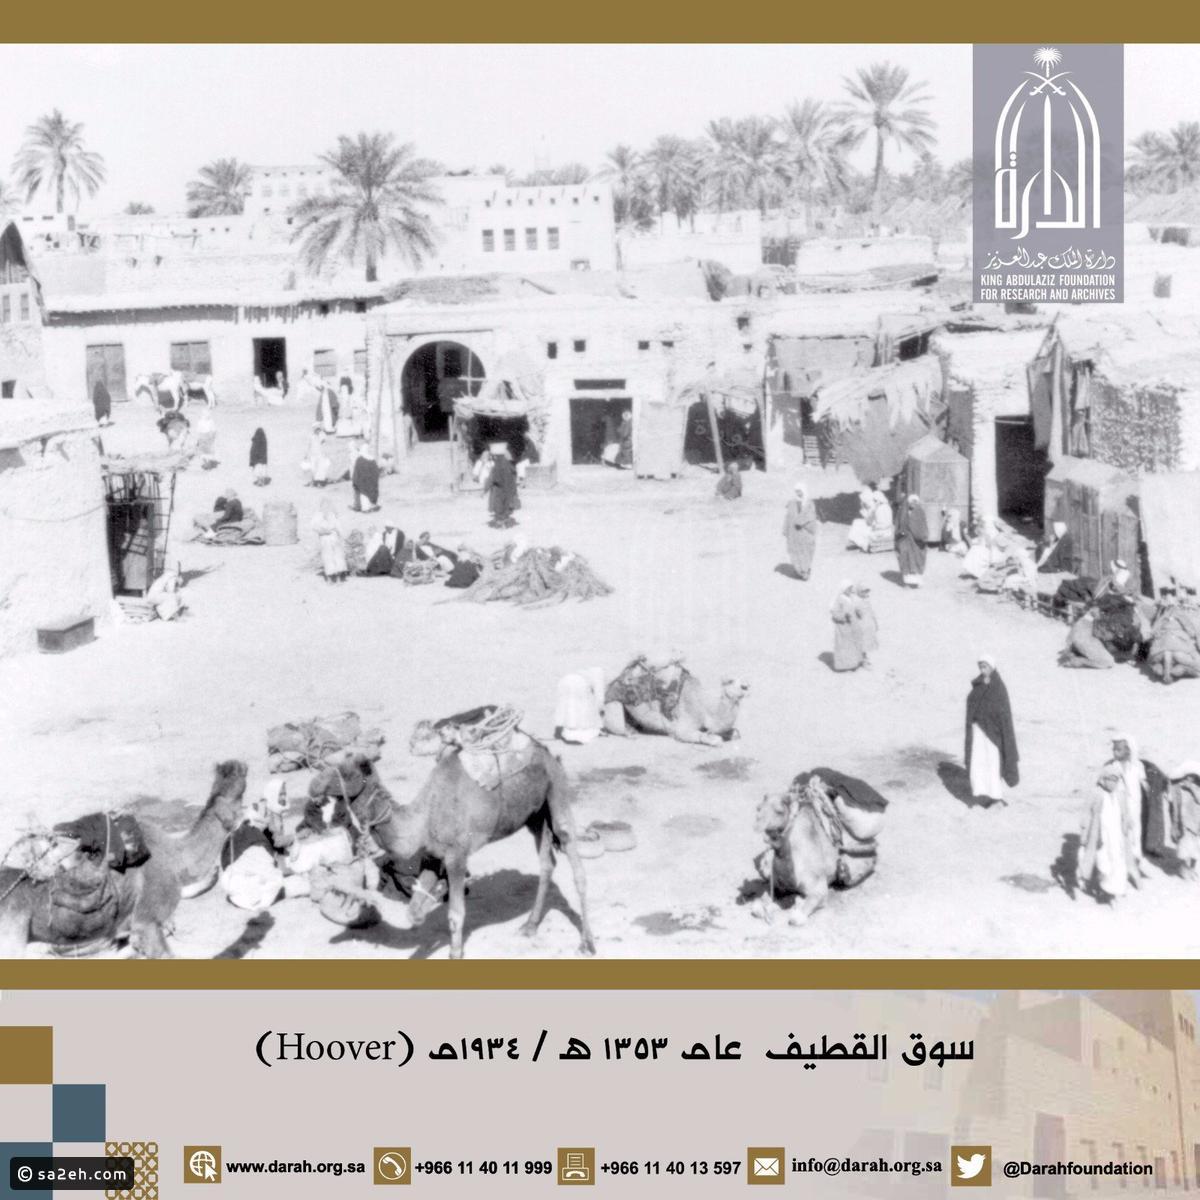 awww.alqiyady.com_site_images_sites_default_files_alqiyady_prod4a8b435ce5f2bcc5cf3c9aecbebdd9e.